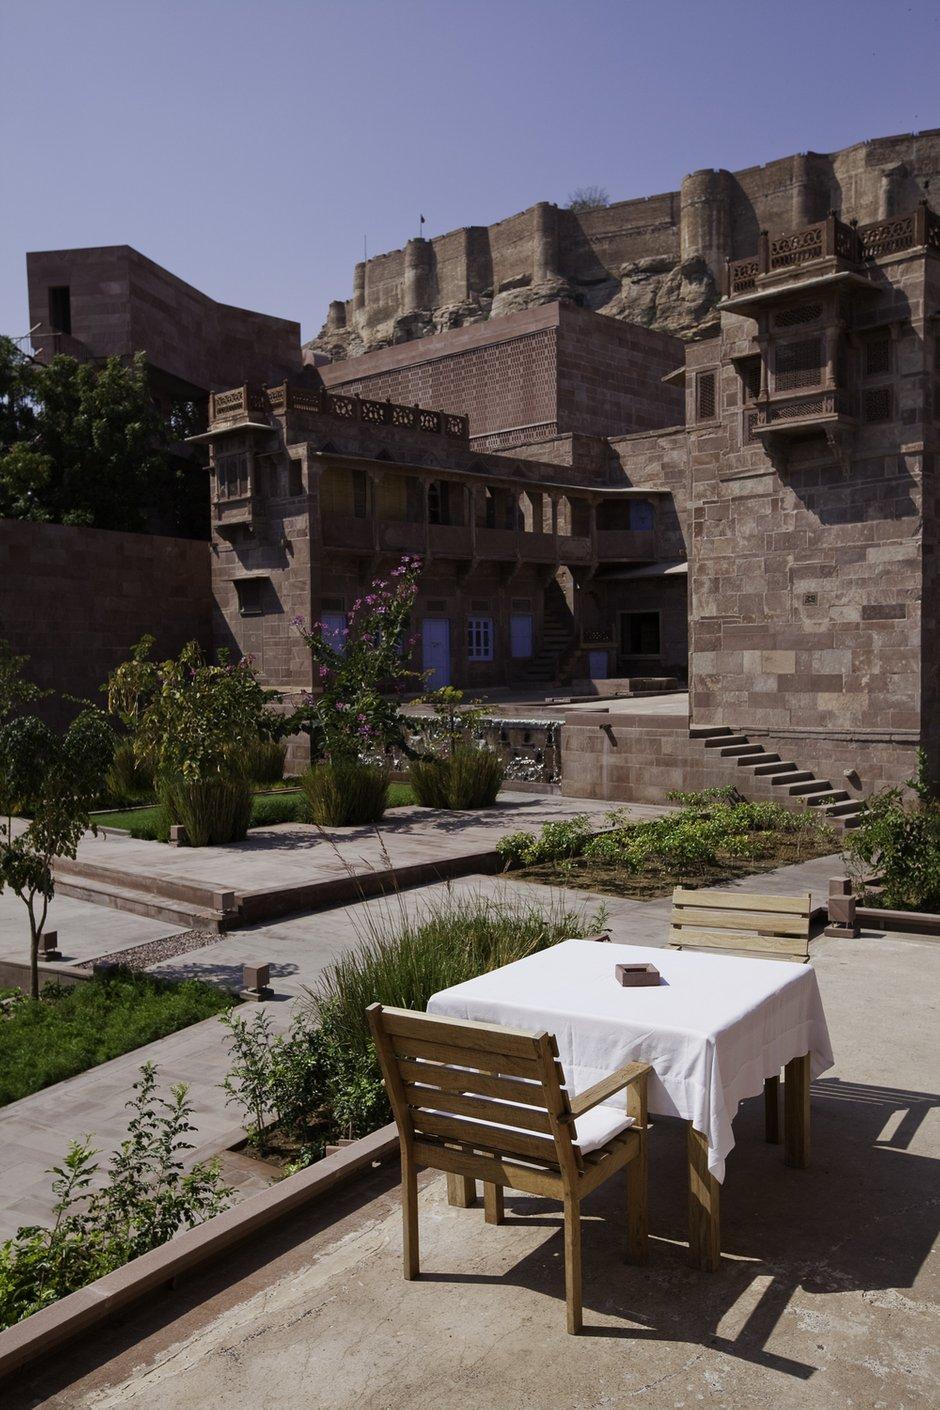 Фотография: Архитектура в стиле Современный, Восточный, Дома и квартиры, Городские места, Бразилия – фото на INMYROOM